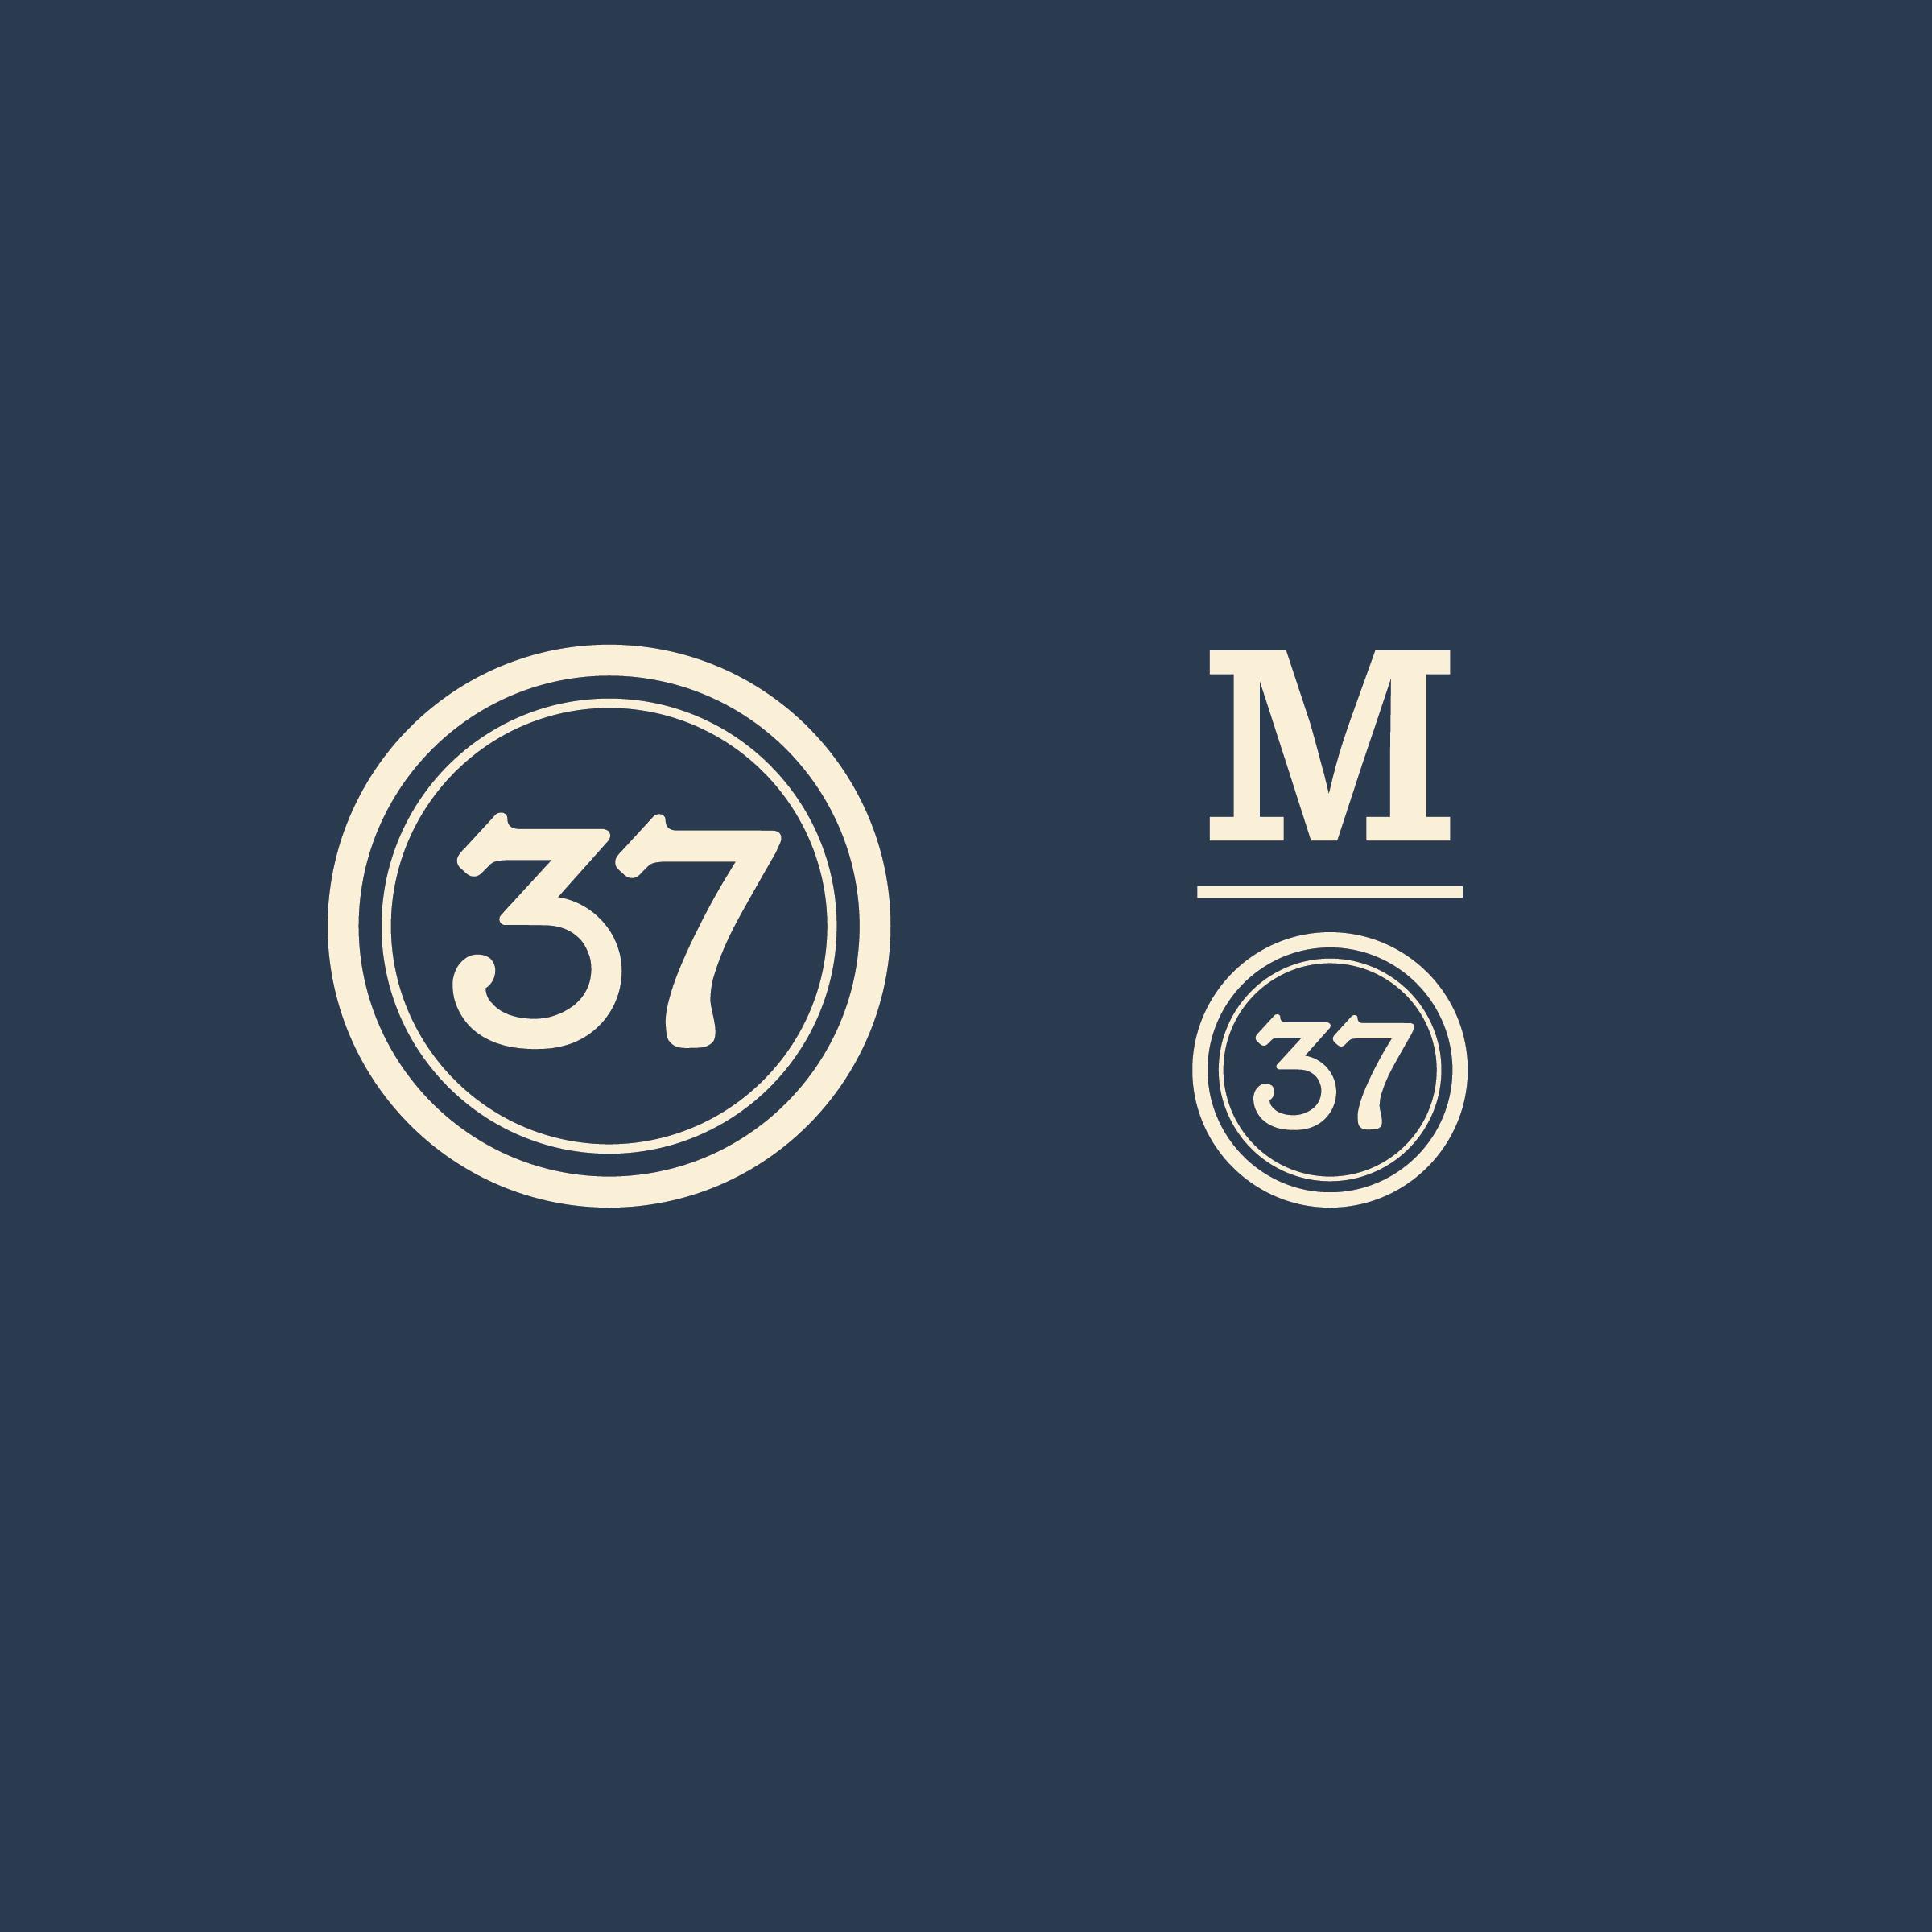 M37 Instagram Post-02.jpg